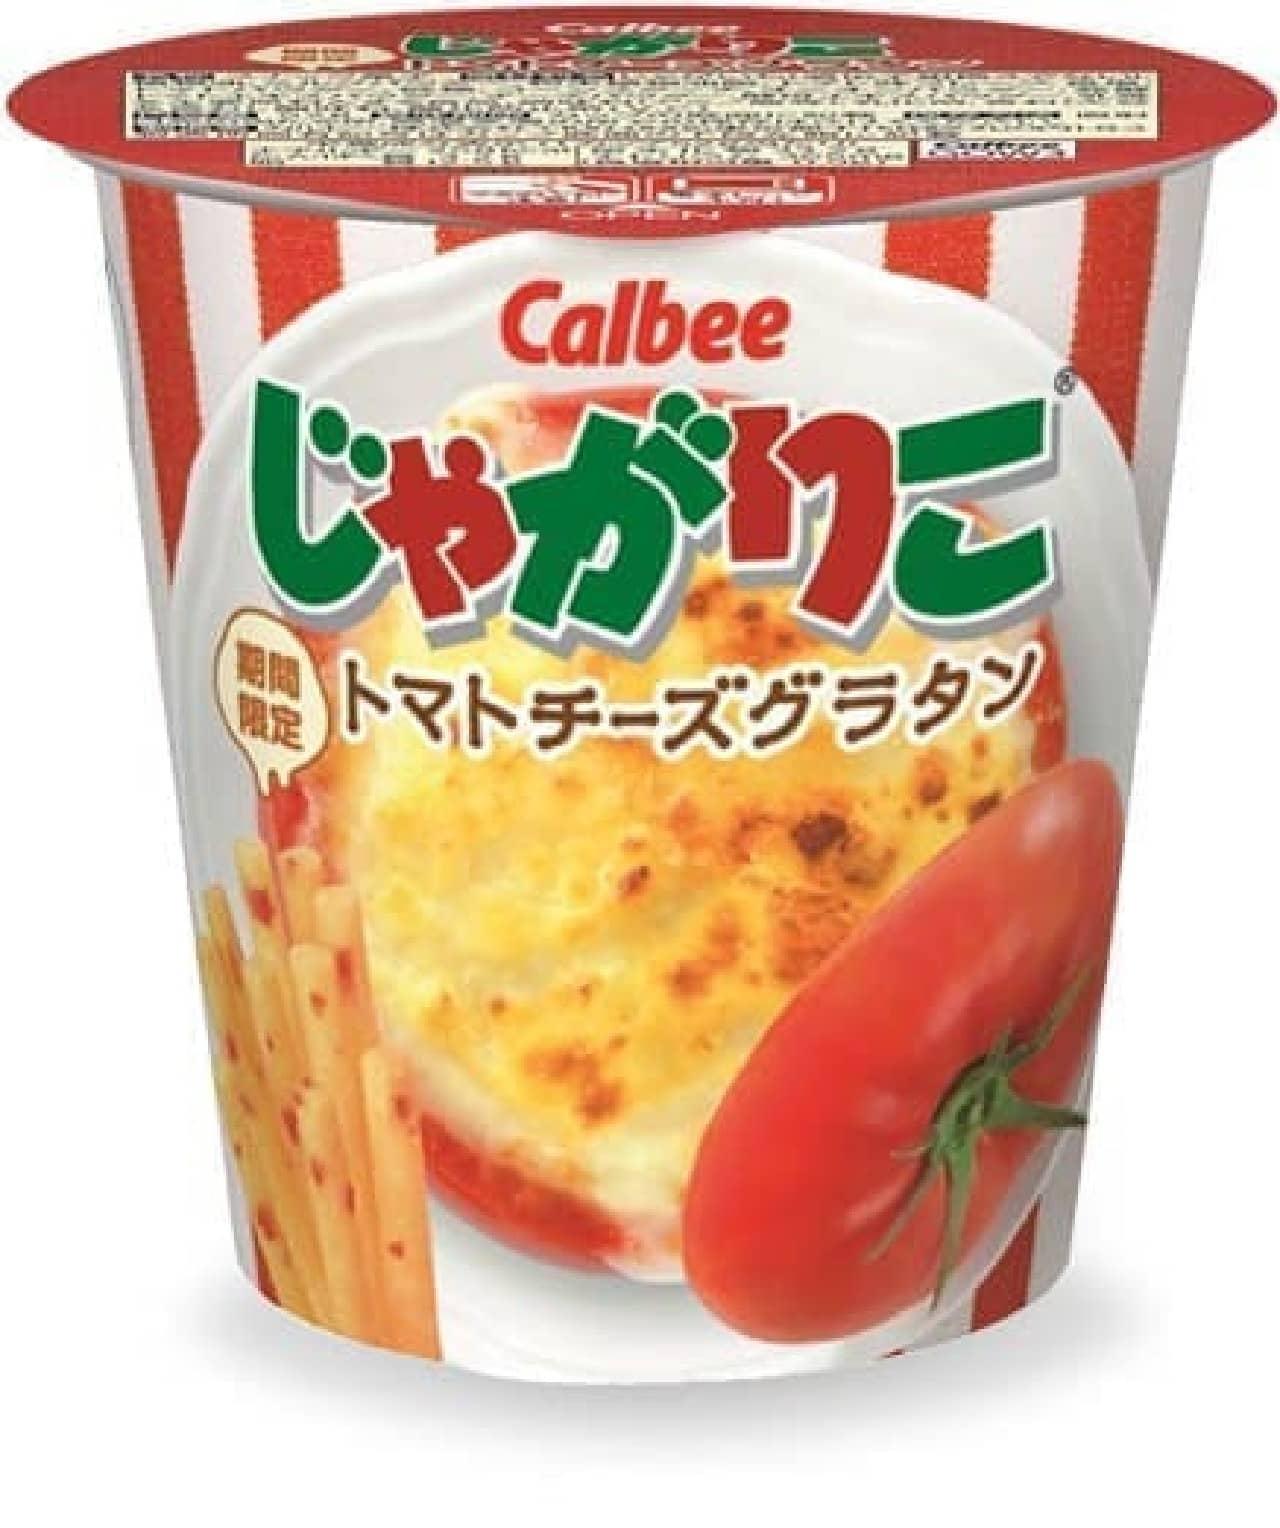 じゃがりこ トマトチーズグラタン